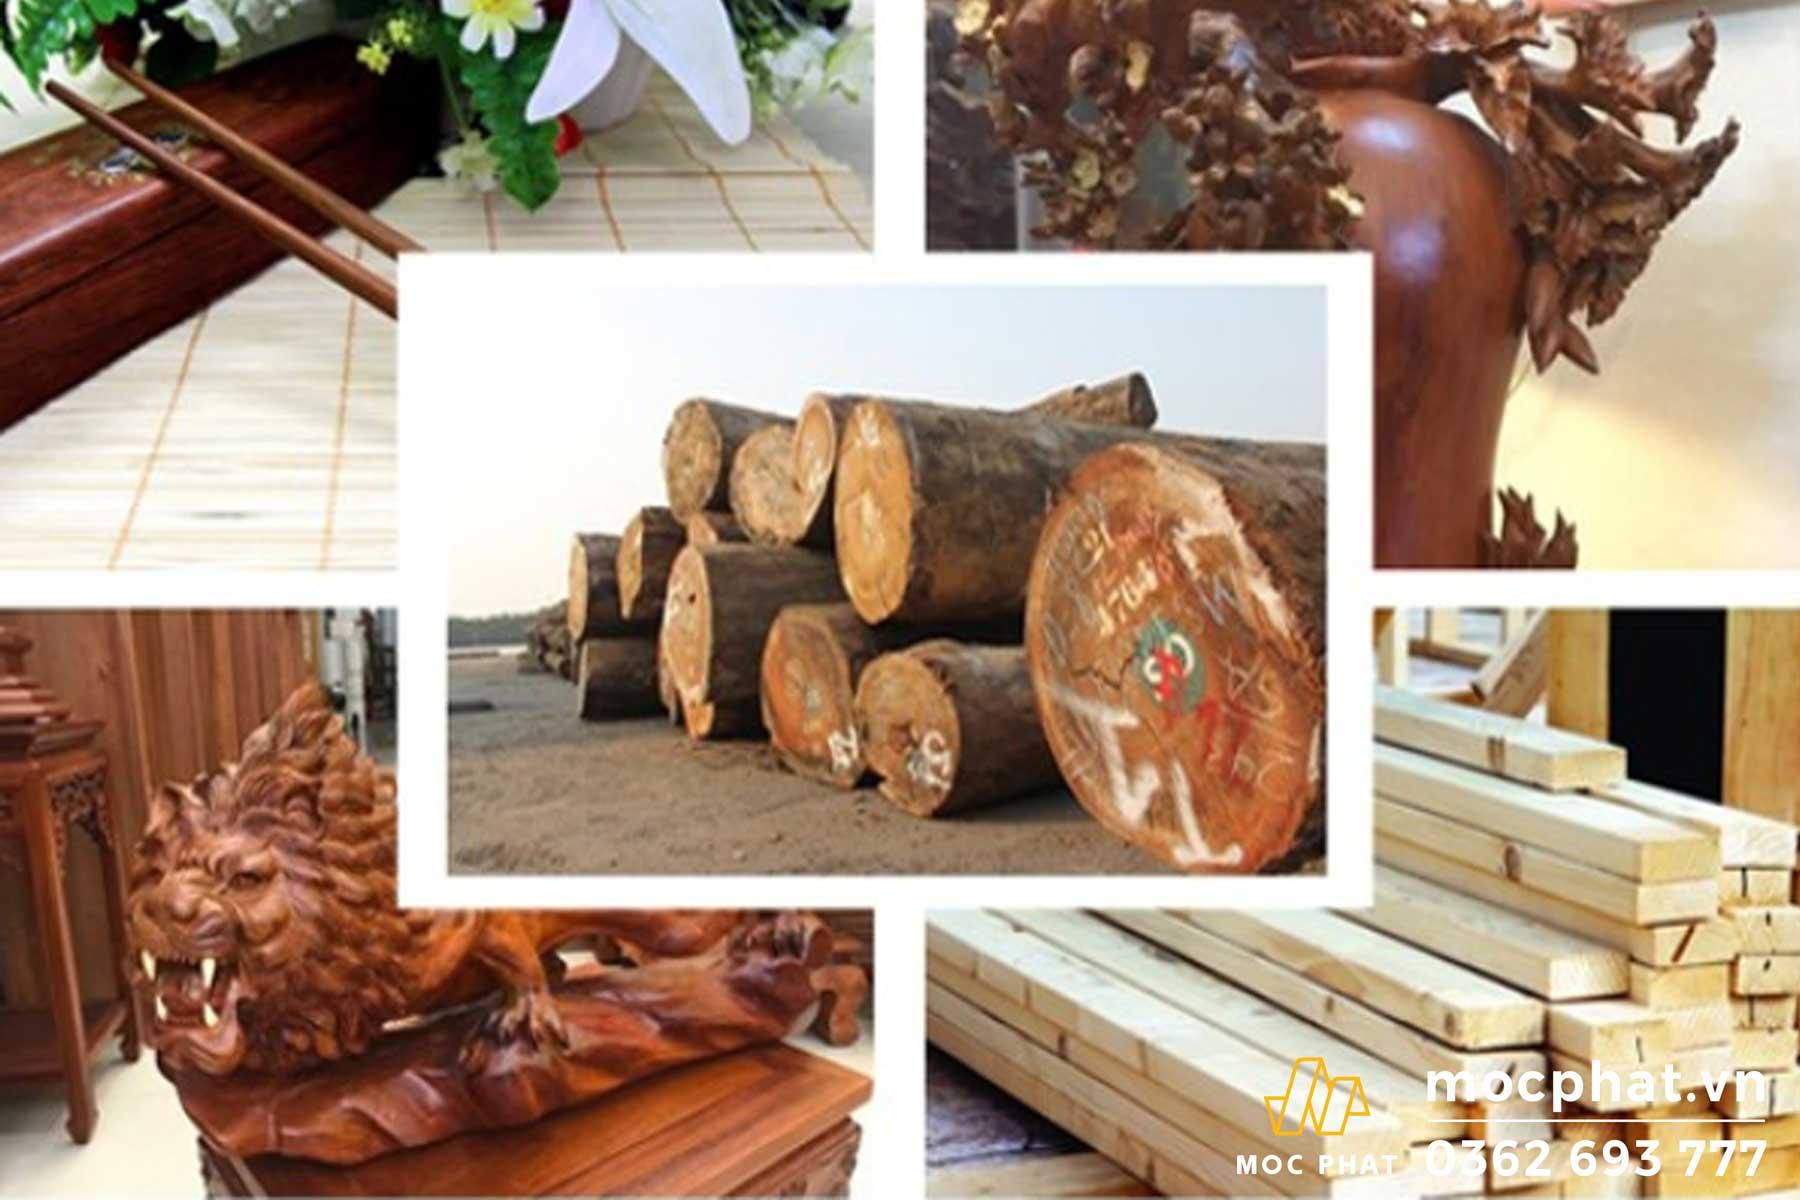 Vocs đều có trong các loại nước sơn gỗ, đồ gia dụng,...